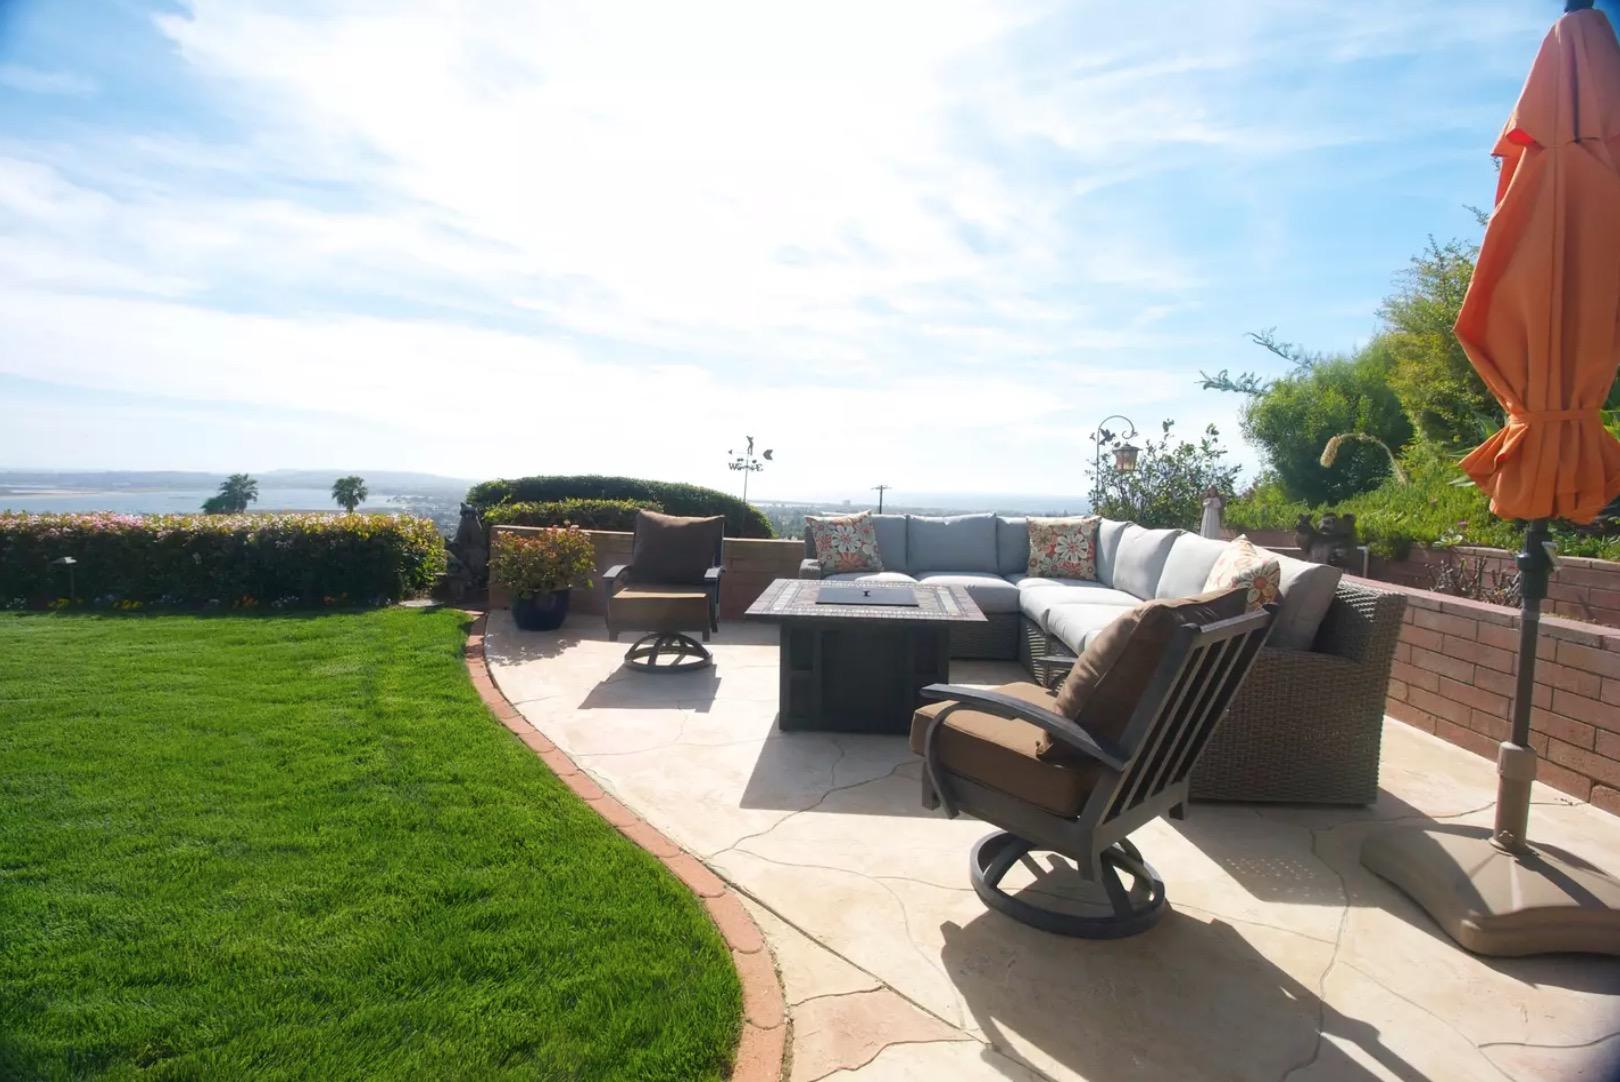 pacific beach view house air concierge.jpg